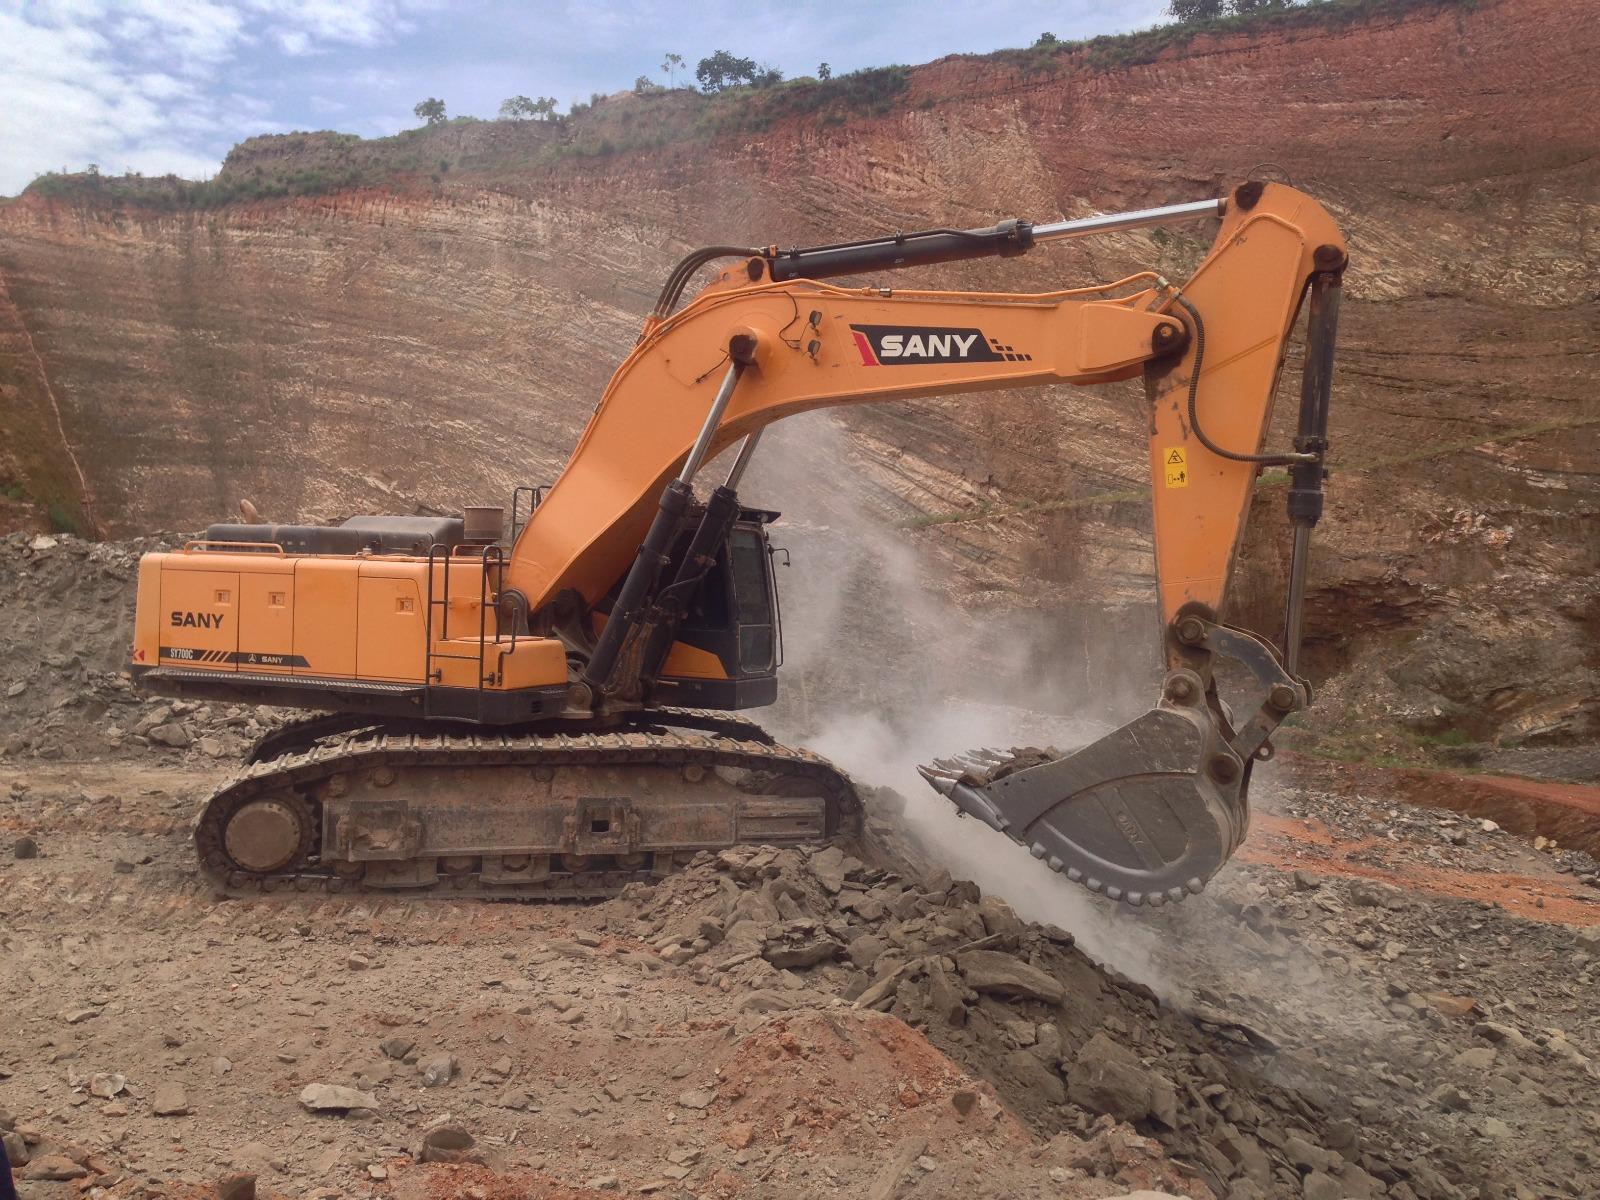 Sany Excavator